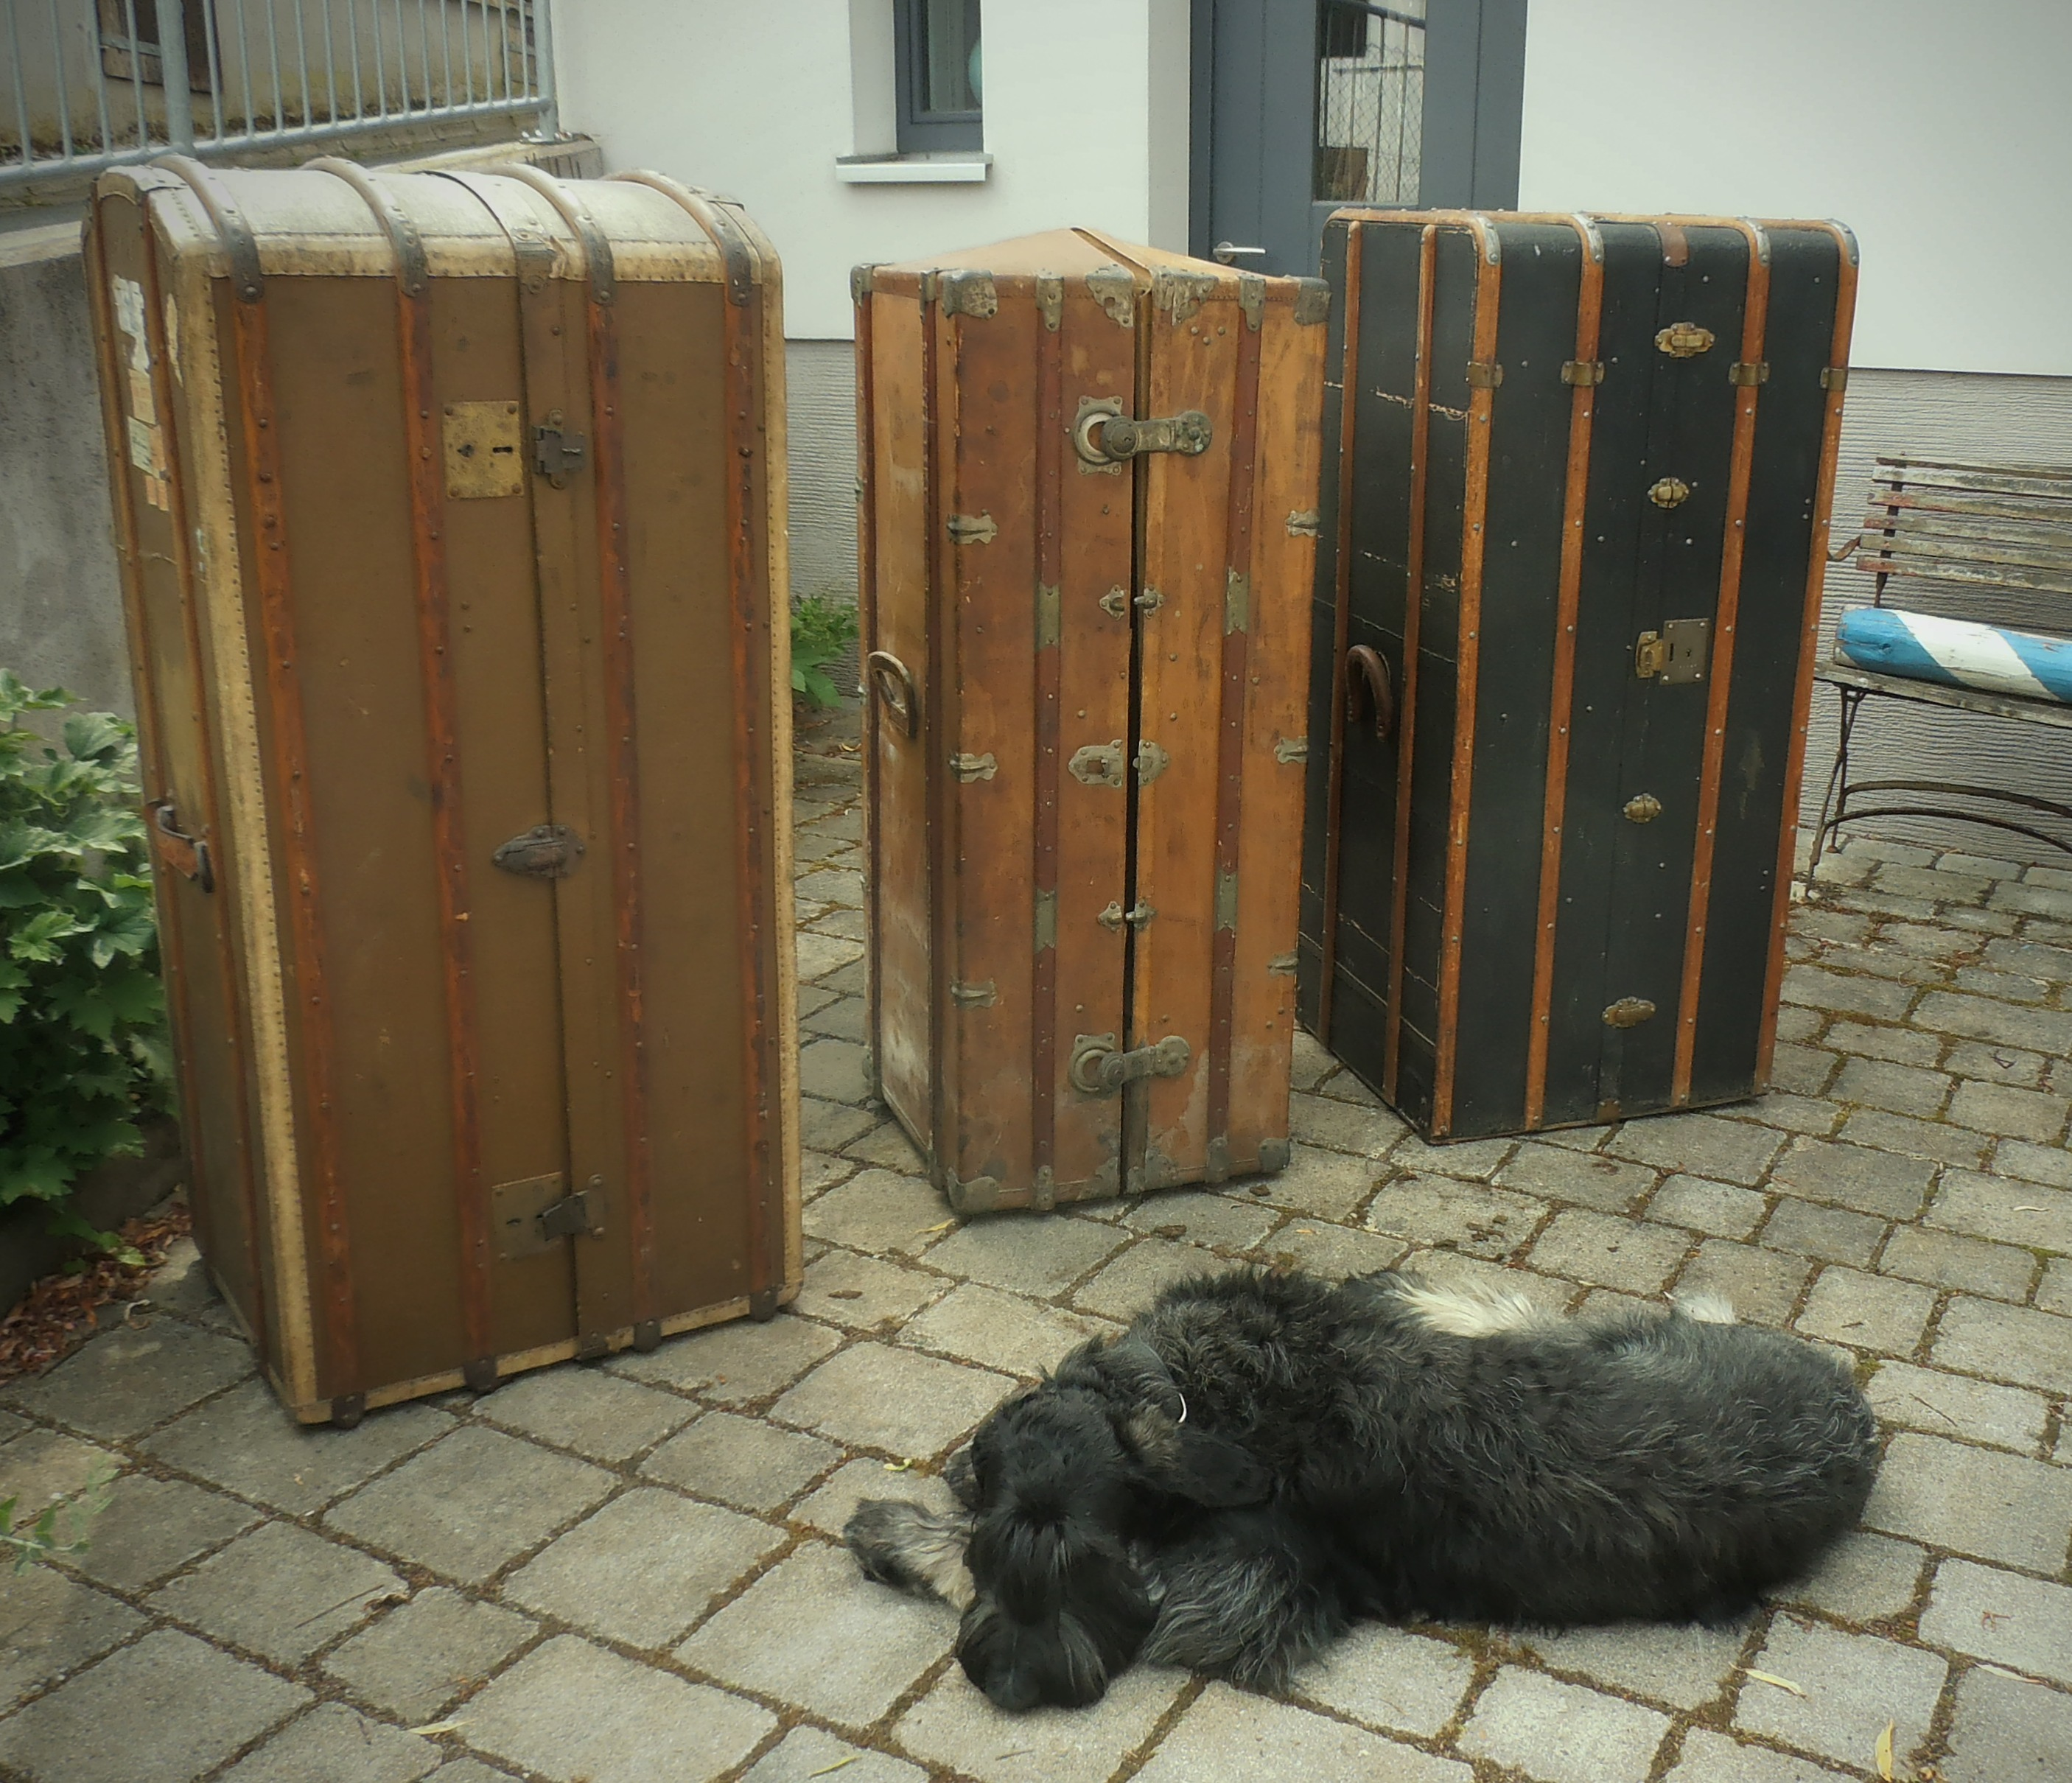 Zeitreise-Bamberg Blog – Das Blog über alte Koffer und anderes ...